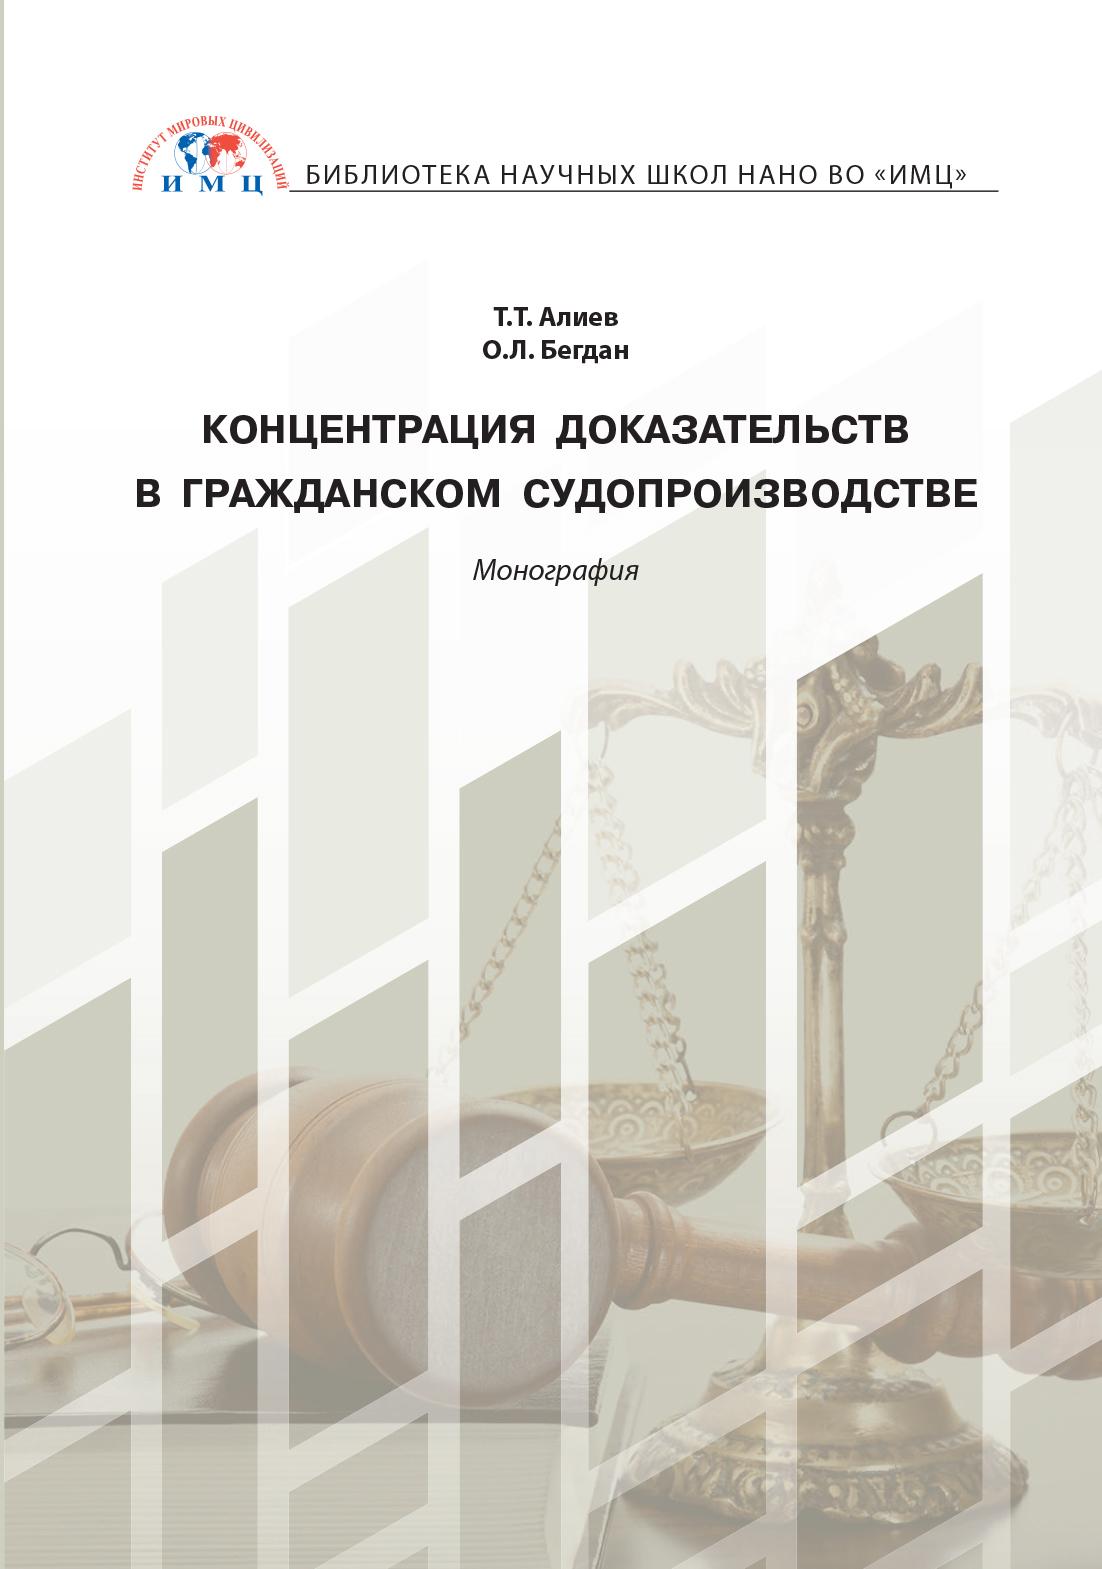 Концентрация доказательств в гражданском судопроизводстве